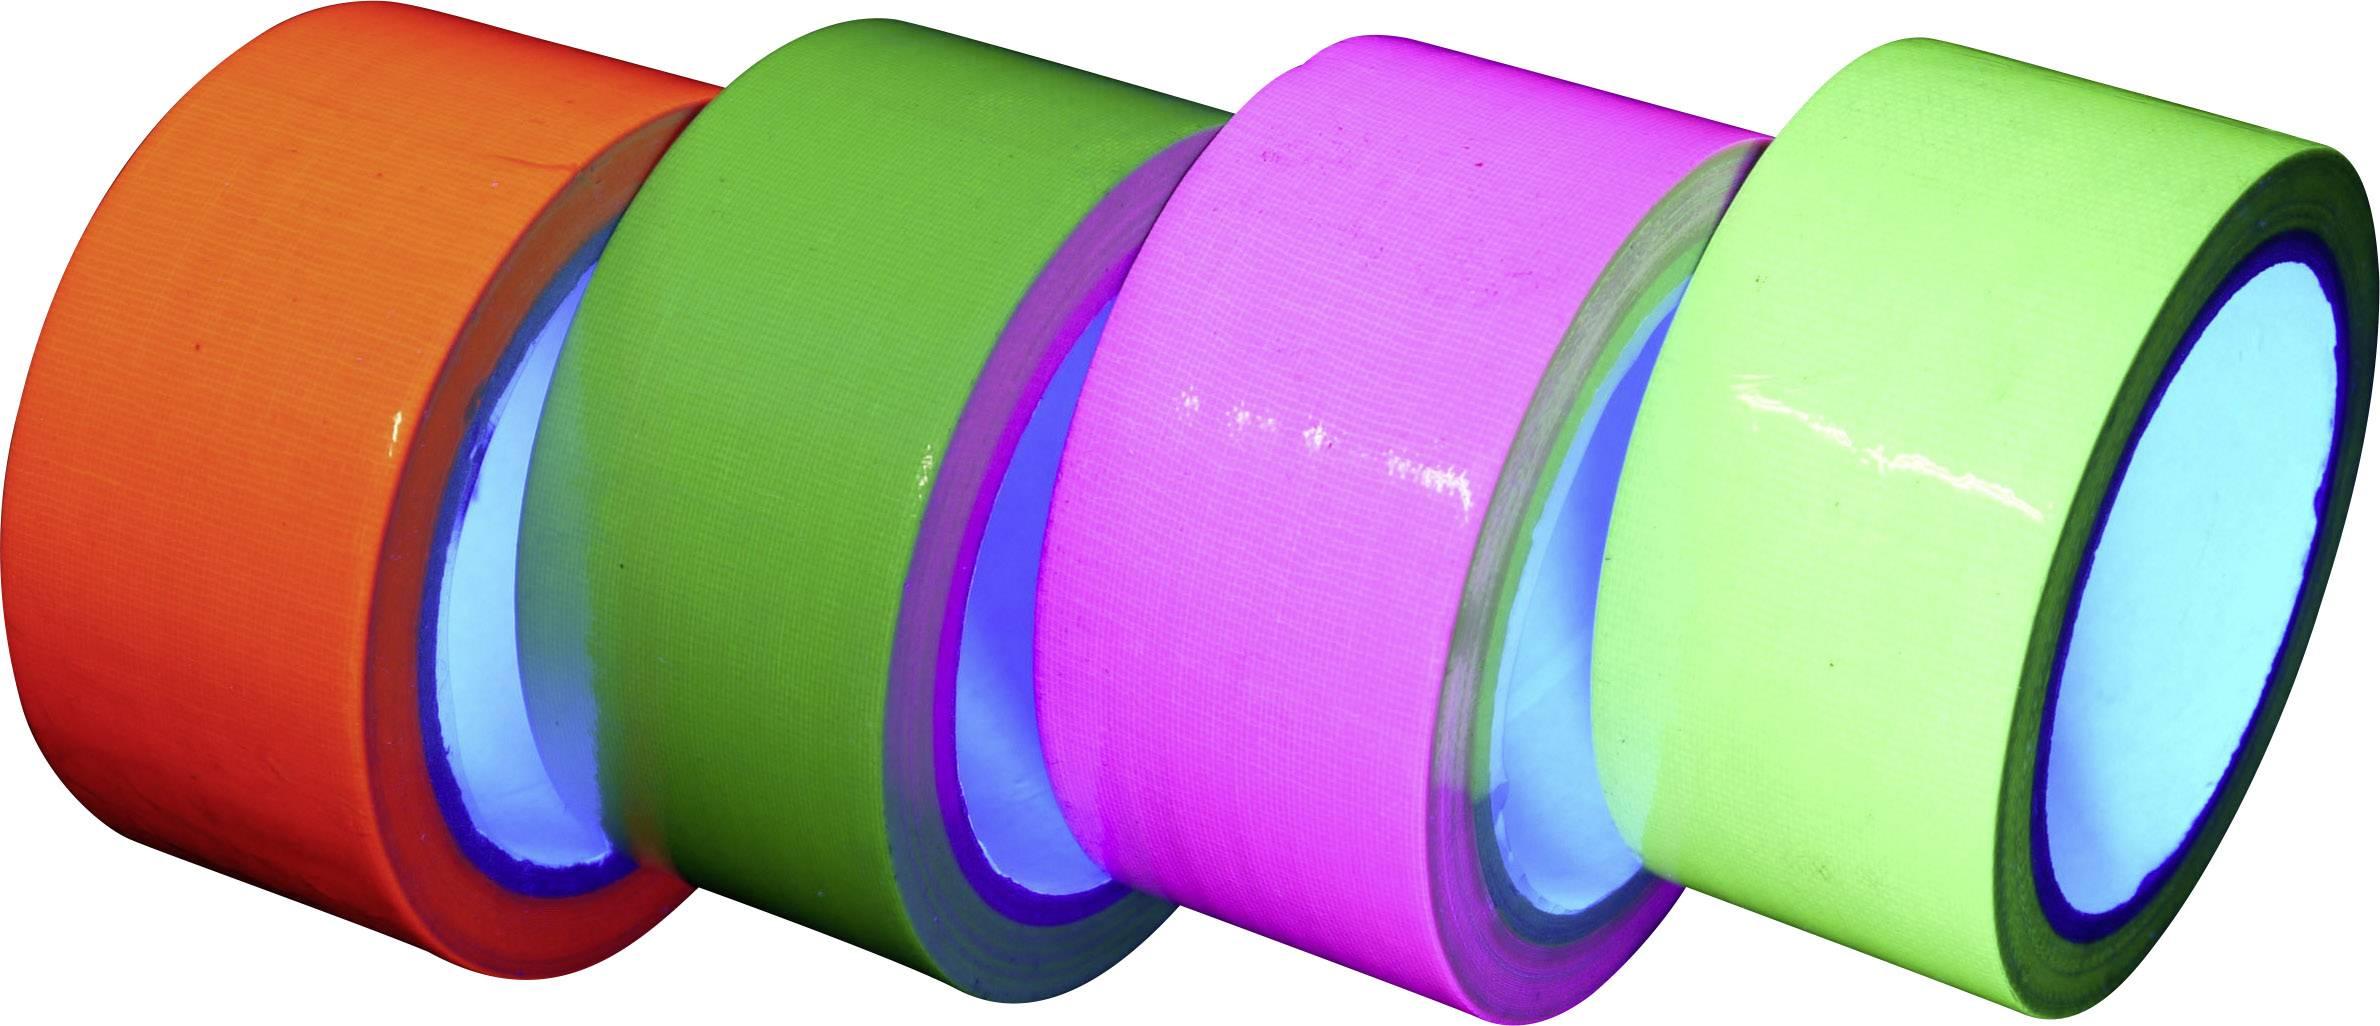 Sada lepiacich pások UV / NEON v 4 farbách, 1456561